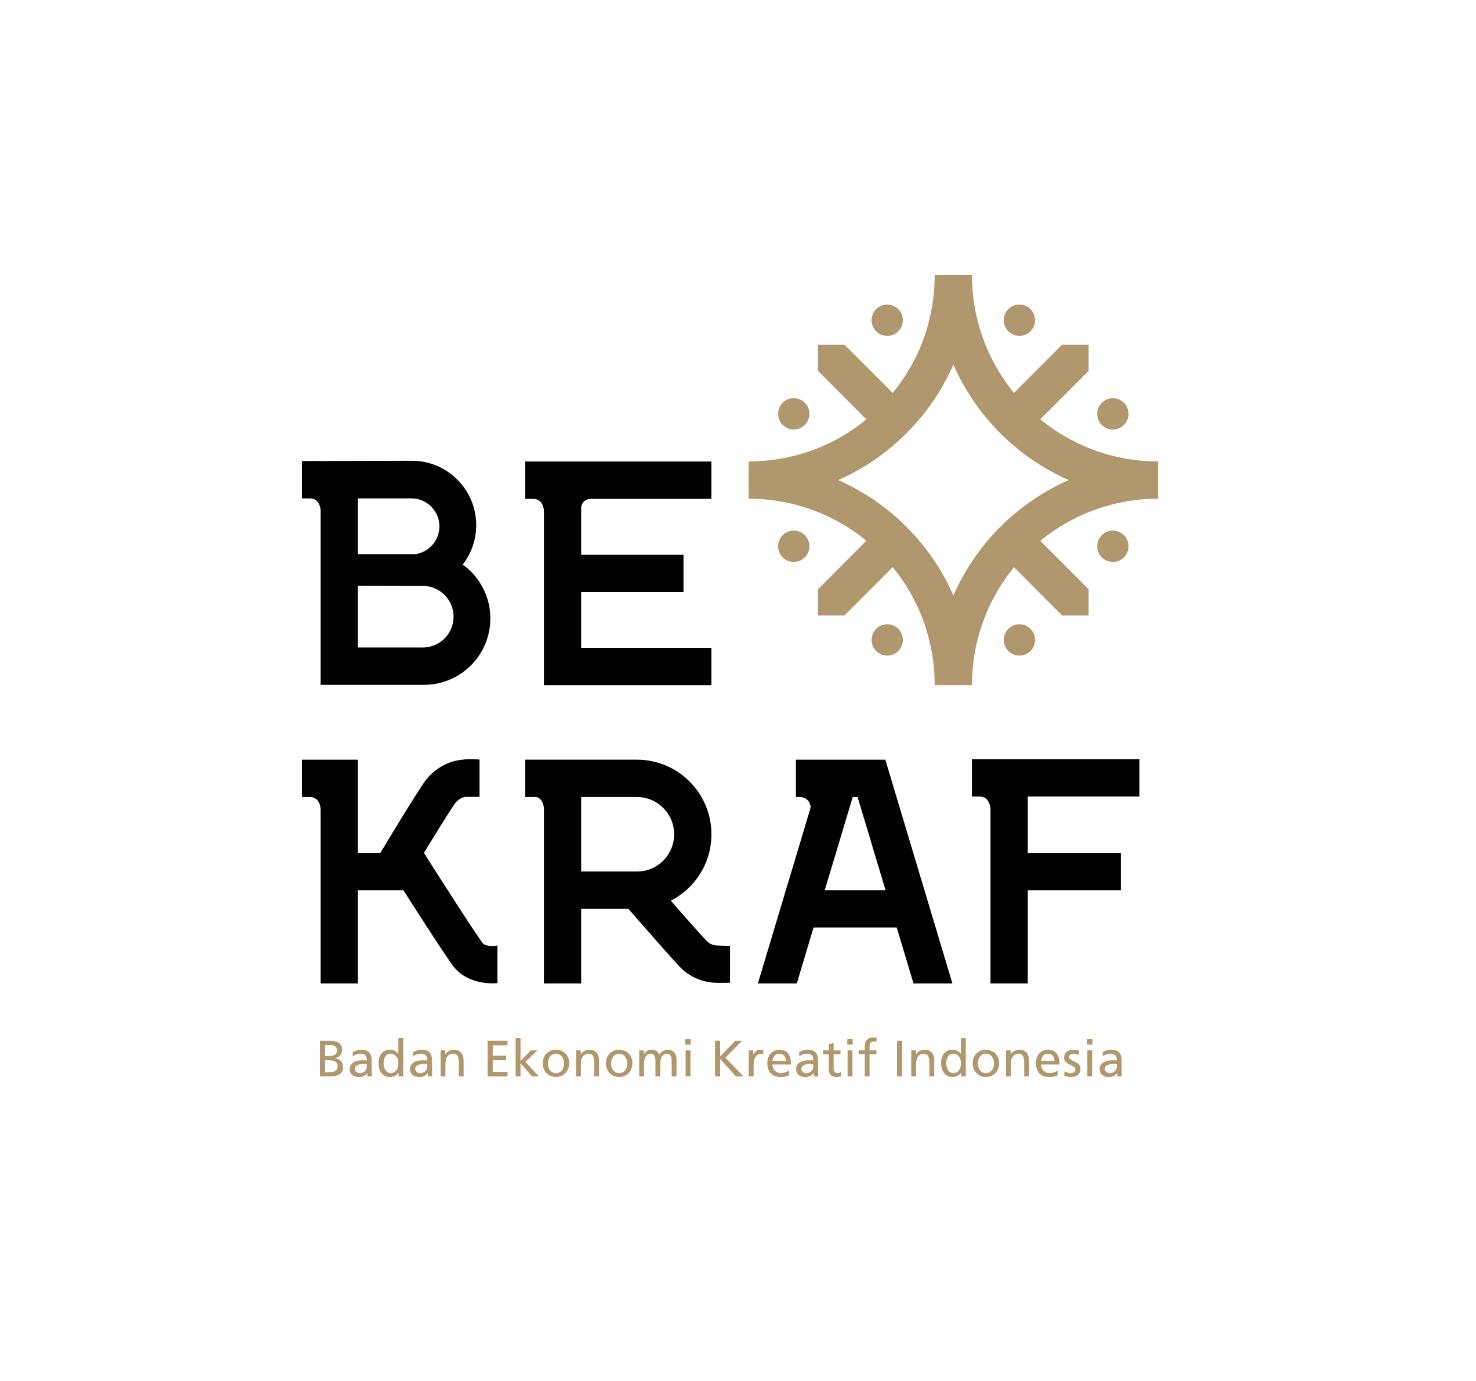 BEKRAF Developer Day 2019 - Mataram